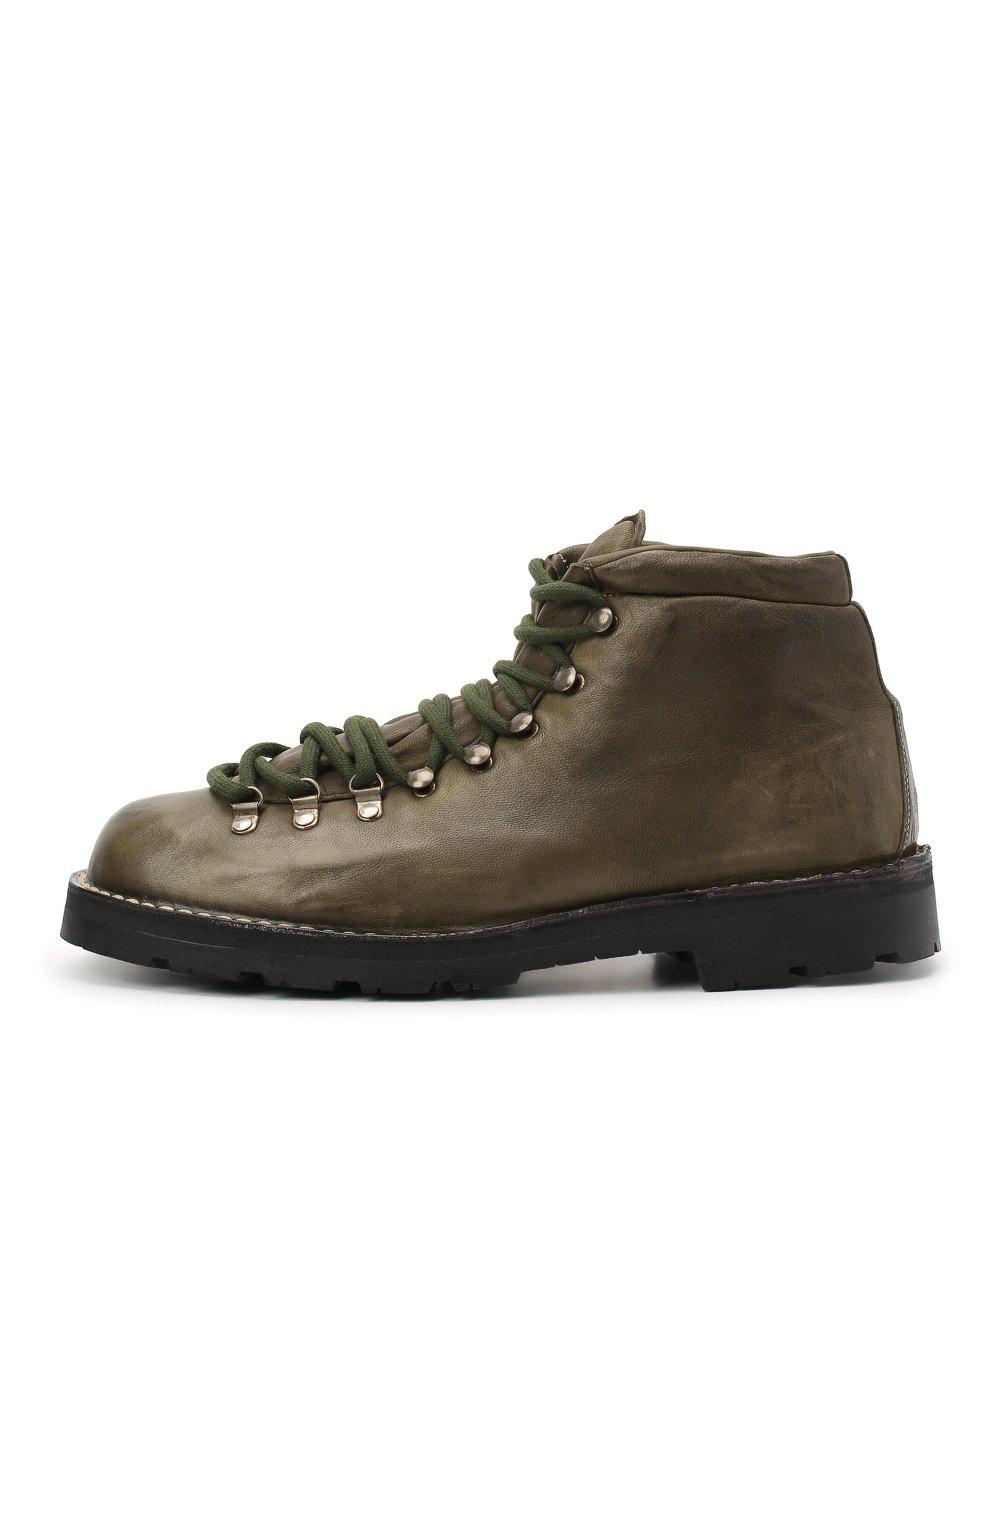 Мужские кожаные ботинки ANDREA VENTURA FIRENZE зеленого цвета, арт. LE APUANE 1/IGNIS WASH/VIBRAM ARCTIC GRIP | Фото 3 (Материал внешний: Кожа; Мужское Кросс-КТ: Хайкеры-обувь, Ботинки-обувь; Материал внутренний: Натуральная кожа; Подошва: Плоская)